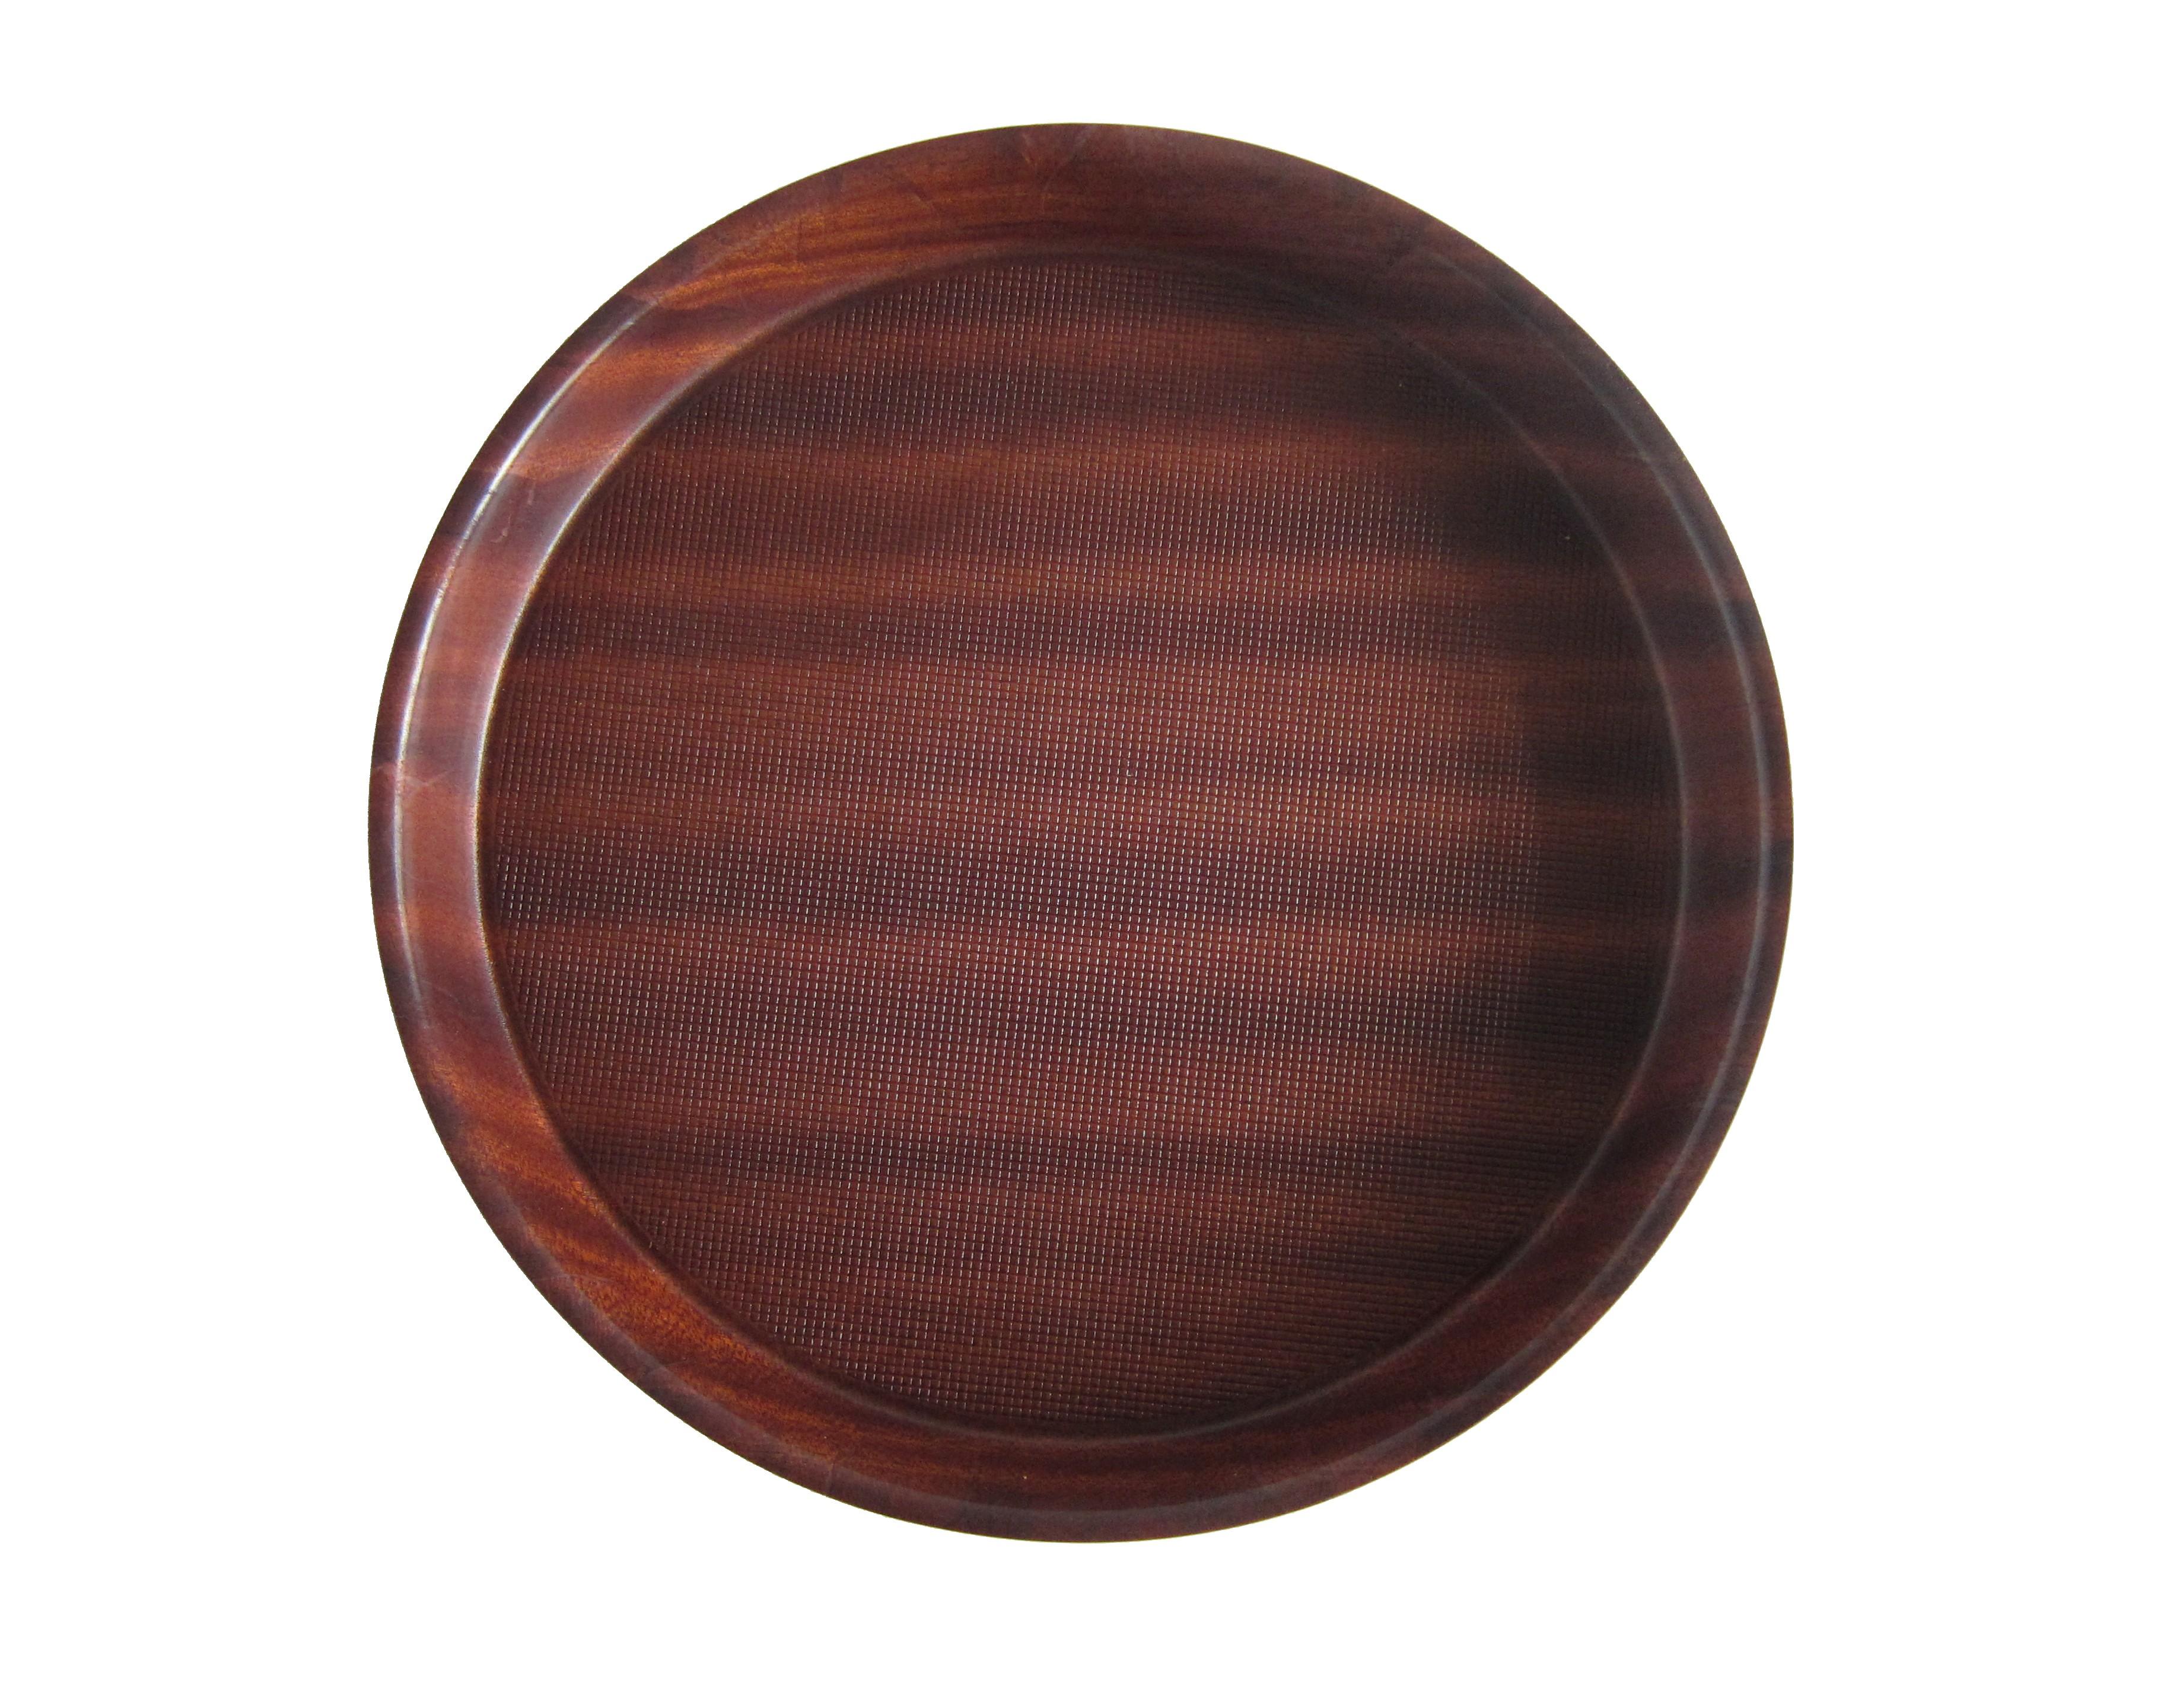 Mahogany Round Wood Tray Non-Slip